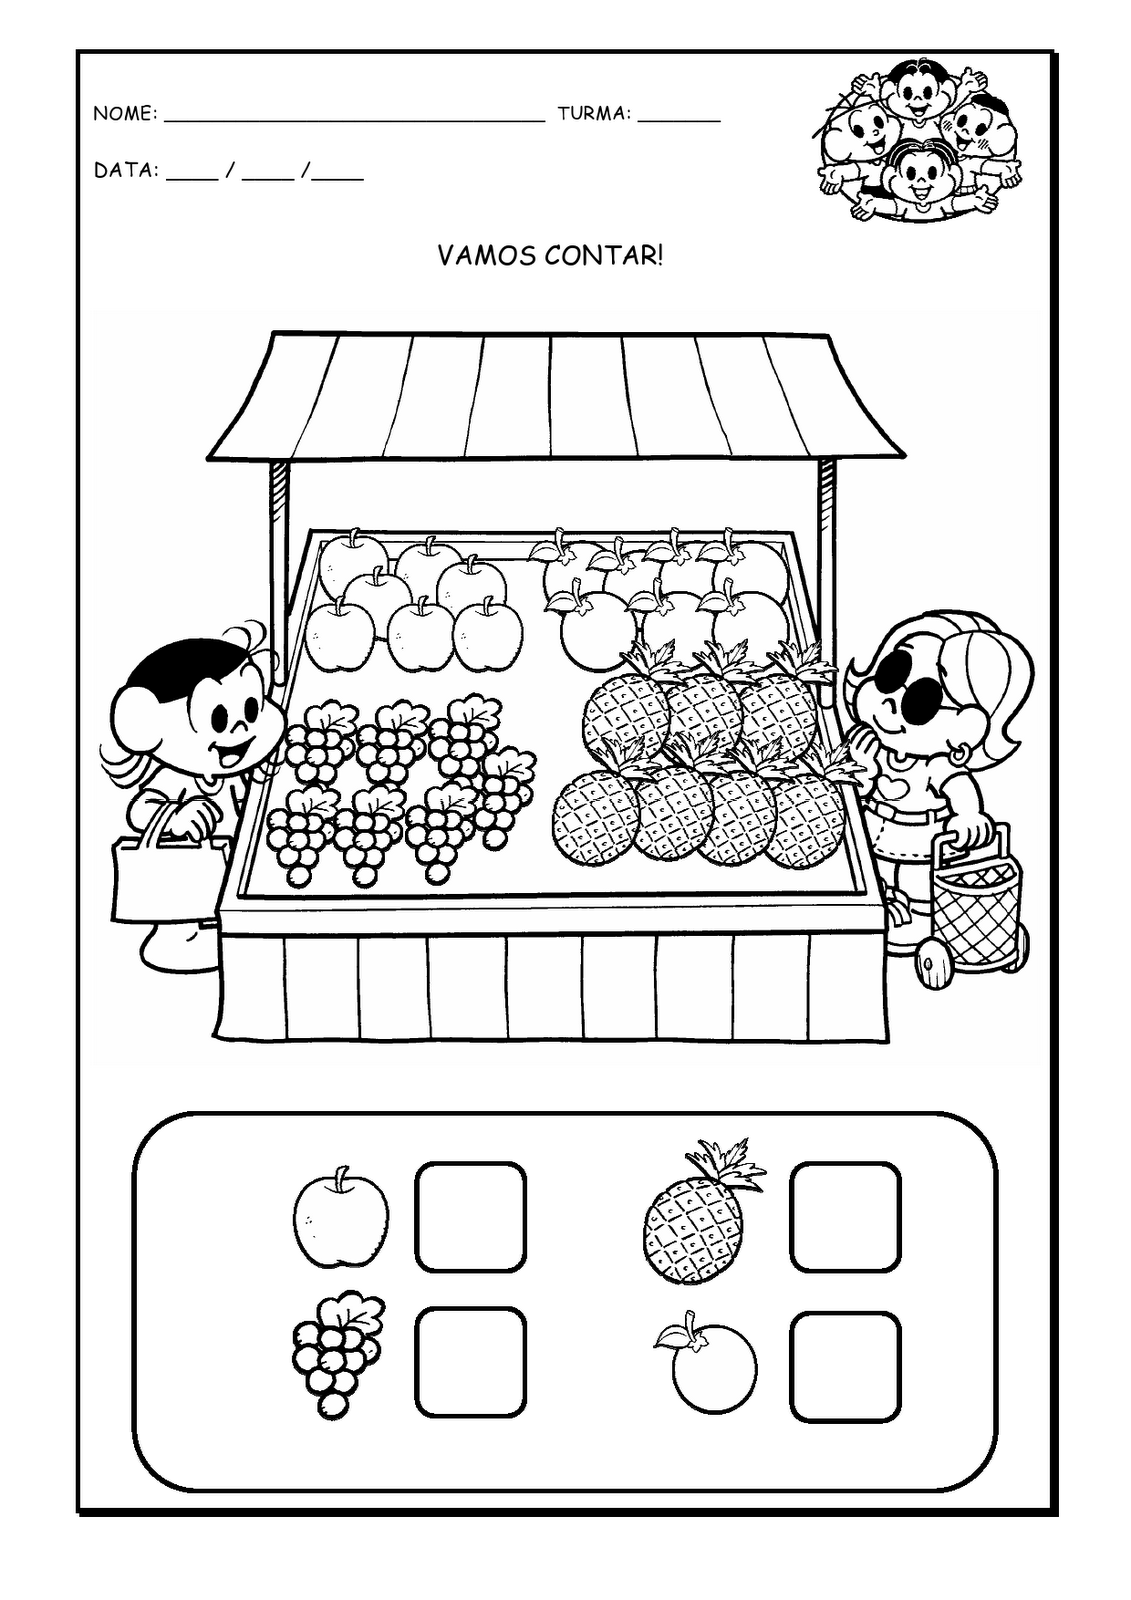 VAMOS+CONTAR+NÚMERO+7(Magali+e+Dorinha+na+feira).png 1.131×1.600 pixels